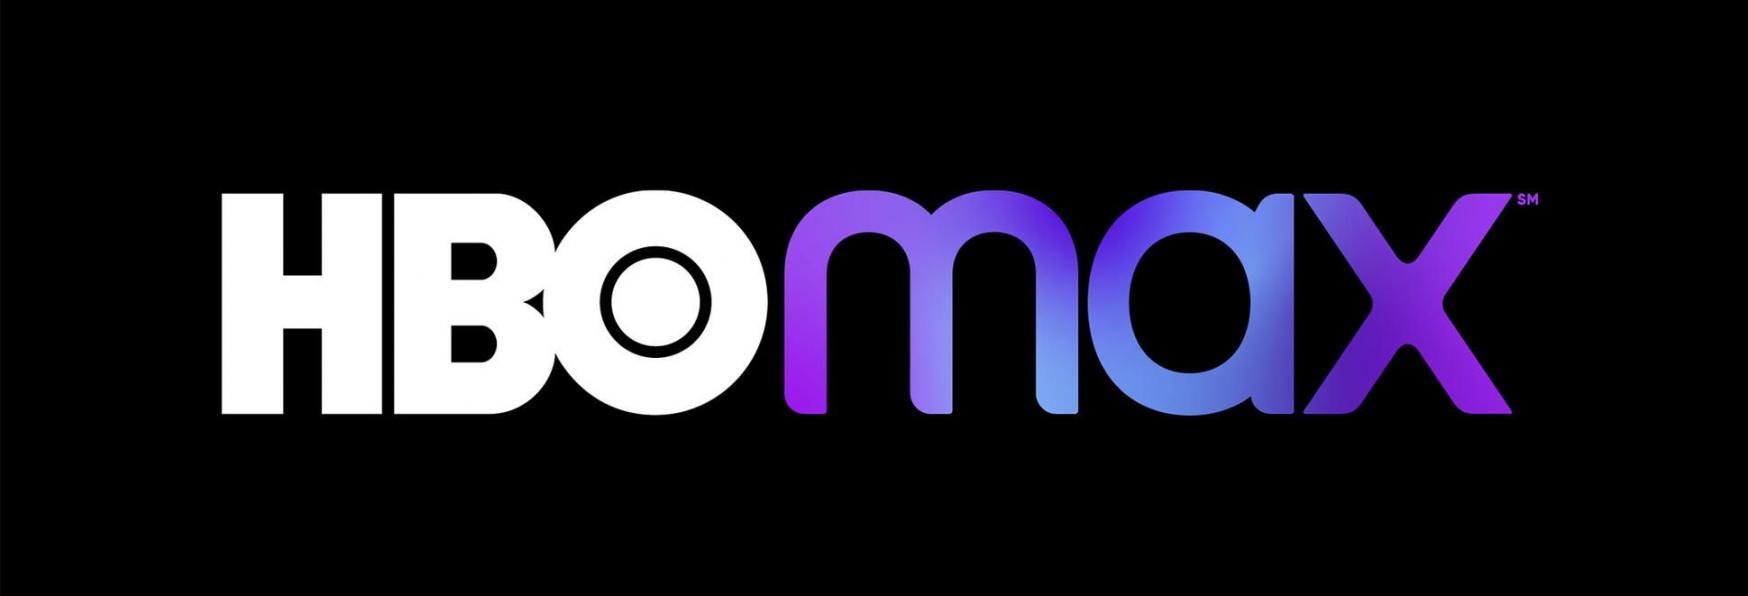 Il servizio di Streaming HBO Max sarà disponibile in Europa a partire dalla Seconda Metà del 2021